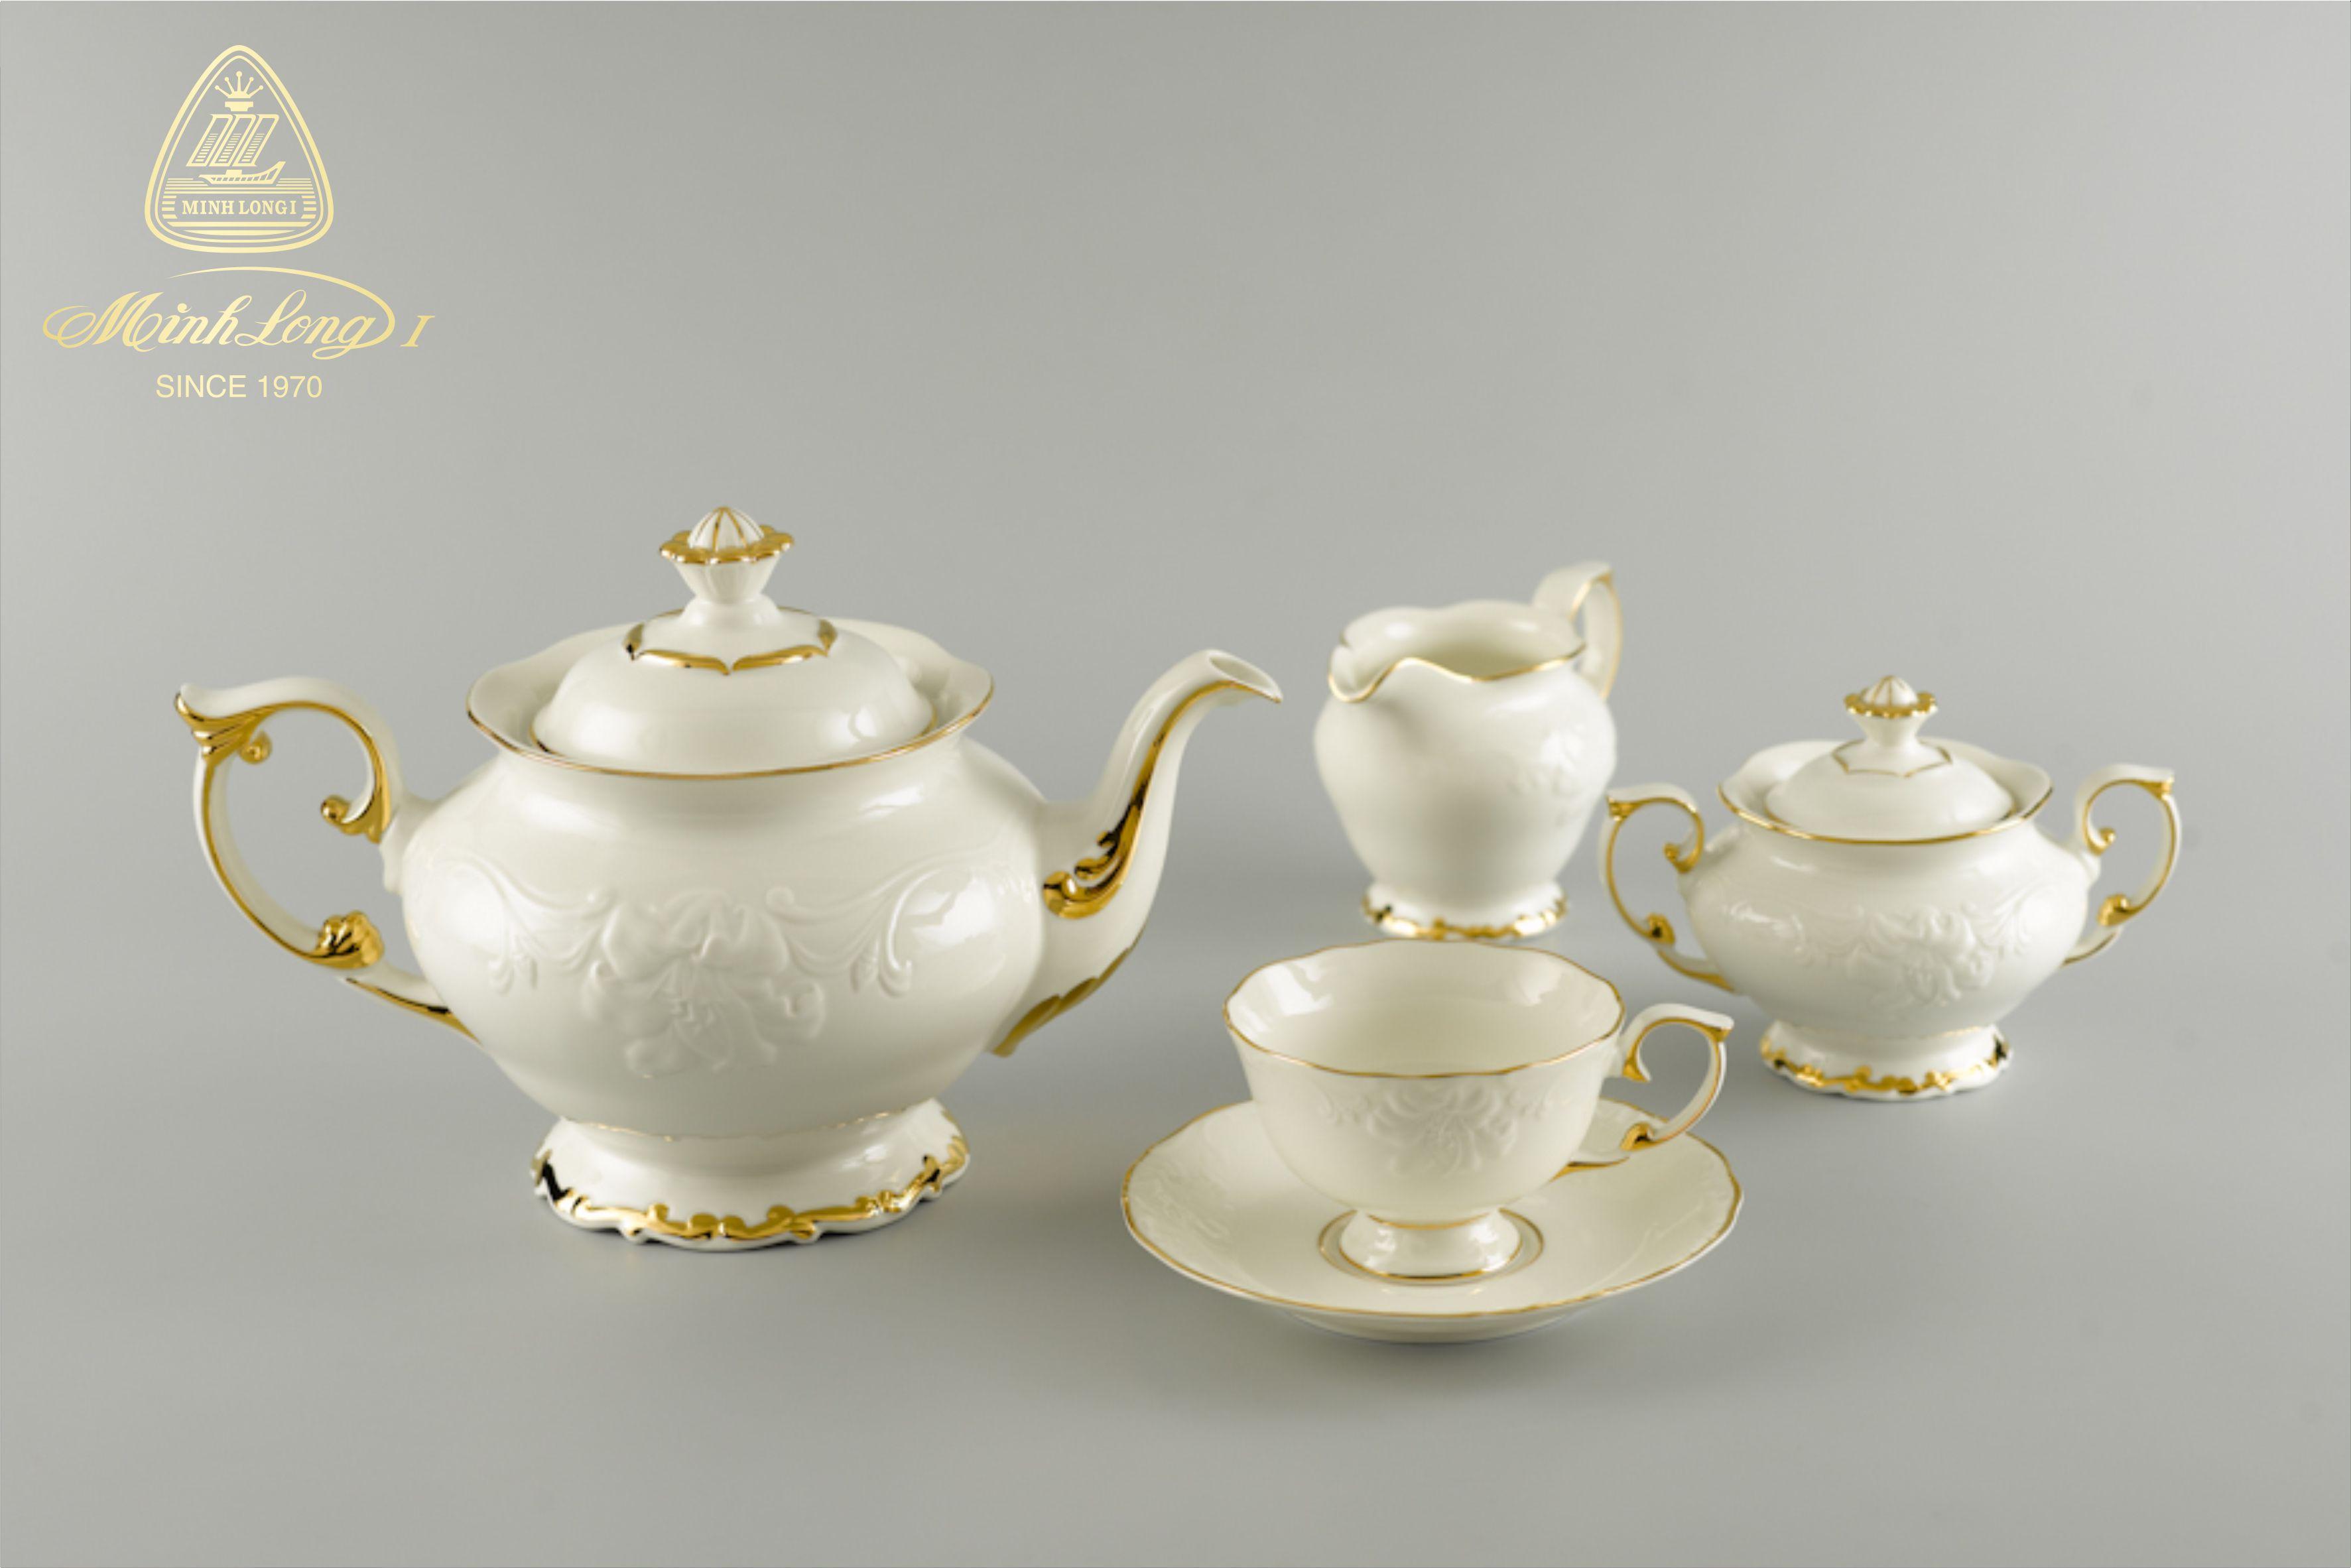 Bộ trà 1.3L Đài Các Chỉ Vàng 01134601403 Minh Long